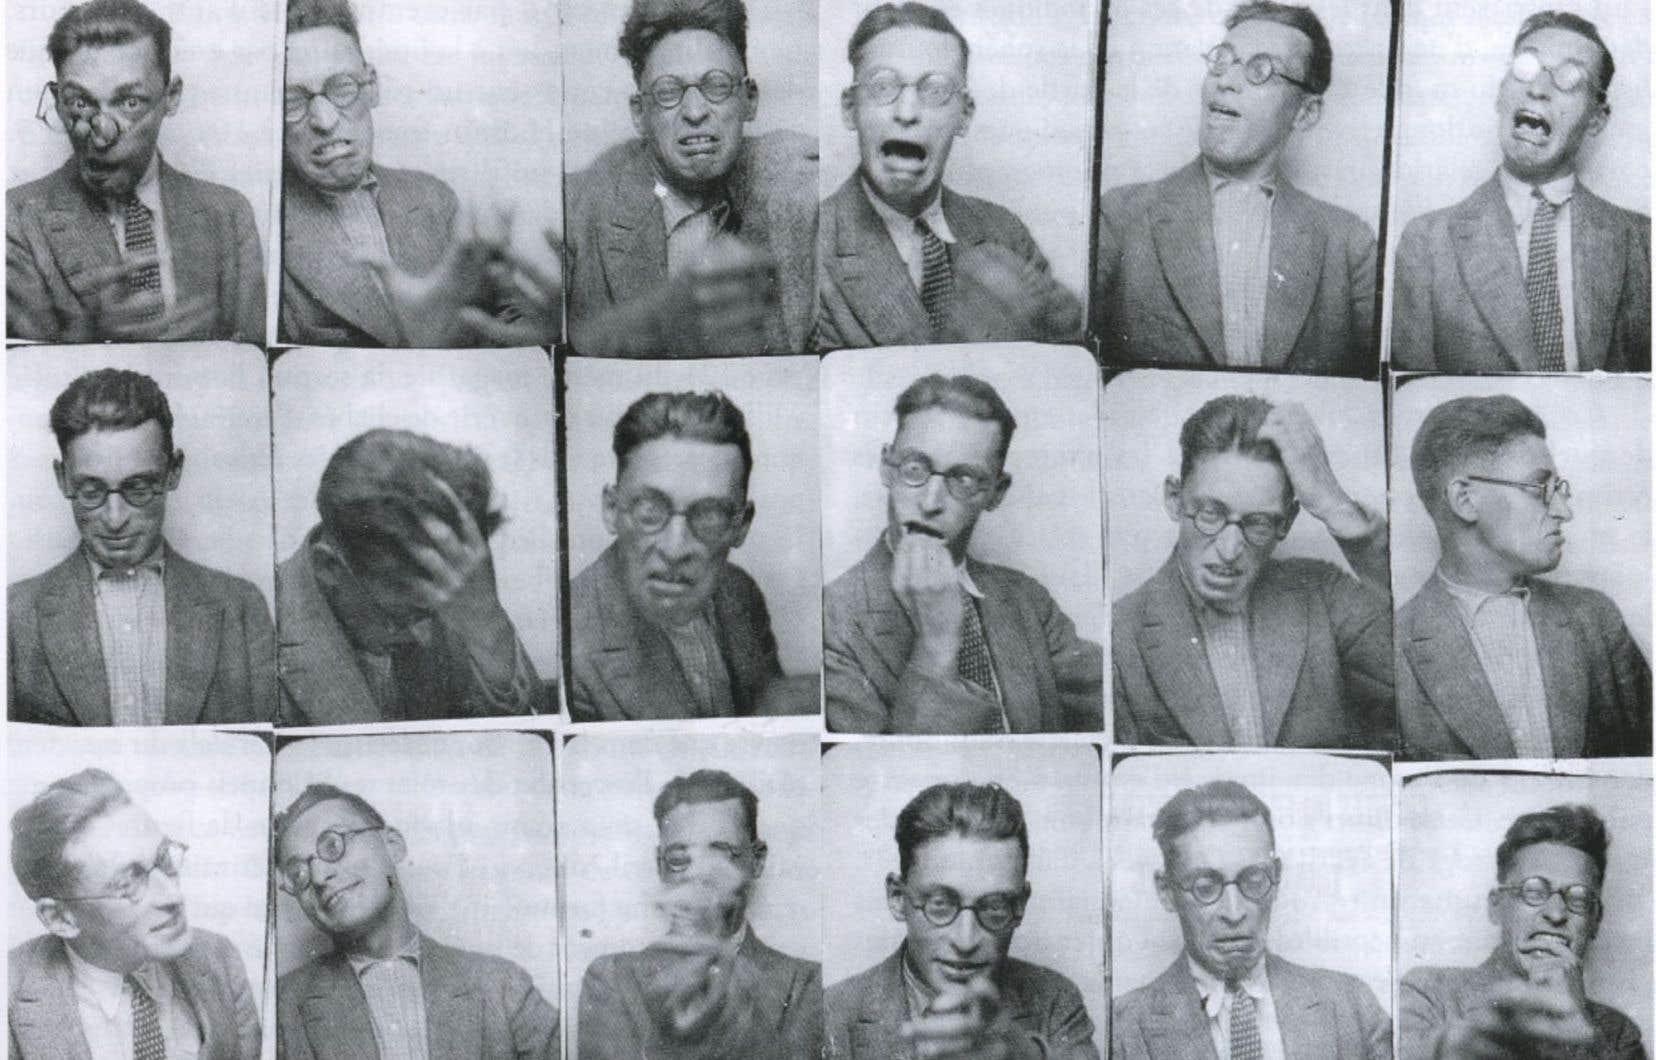 Détail d'une série de portraits de Raymond Queneau, croqués dans un photomaton en 1928